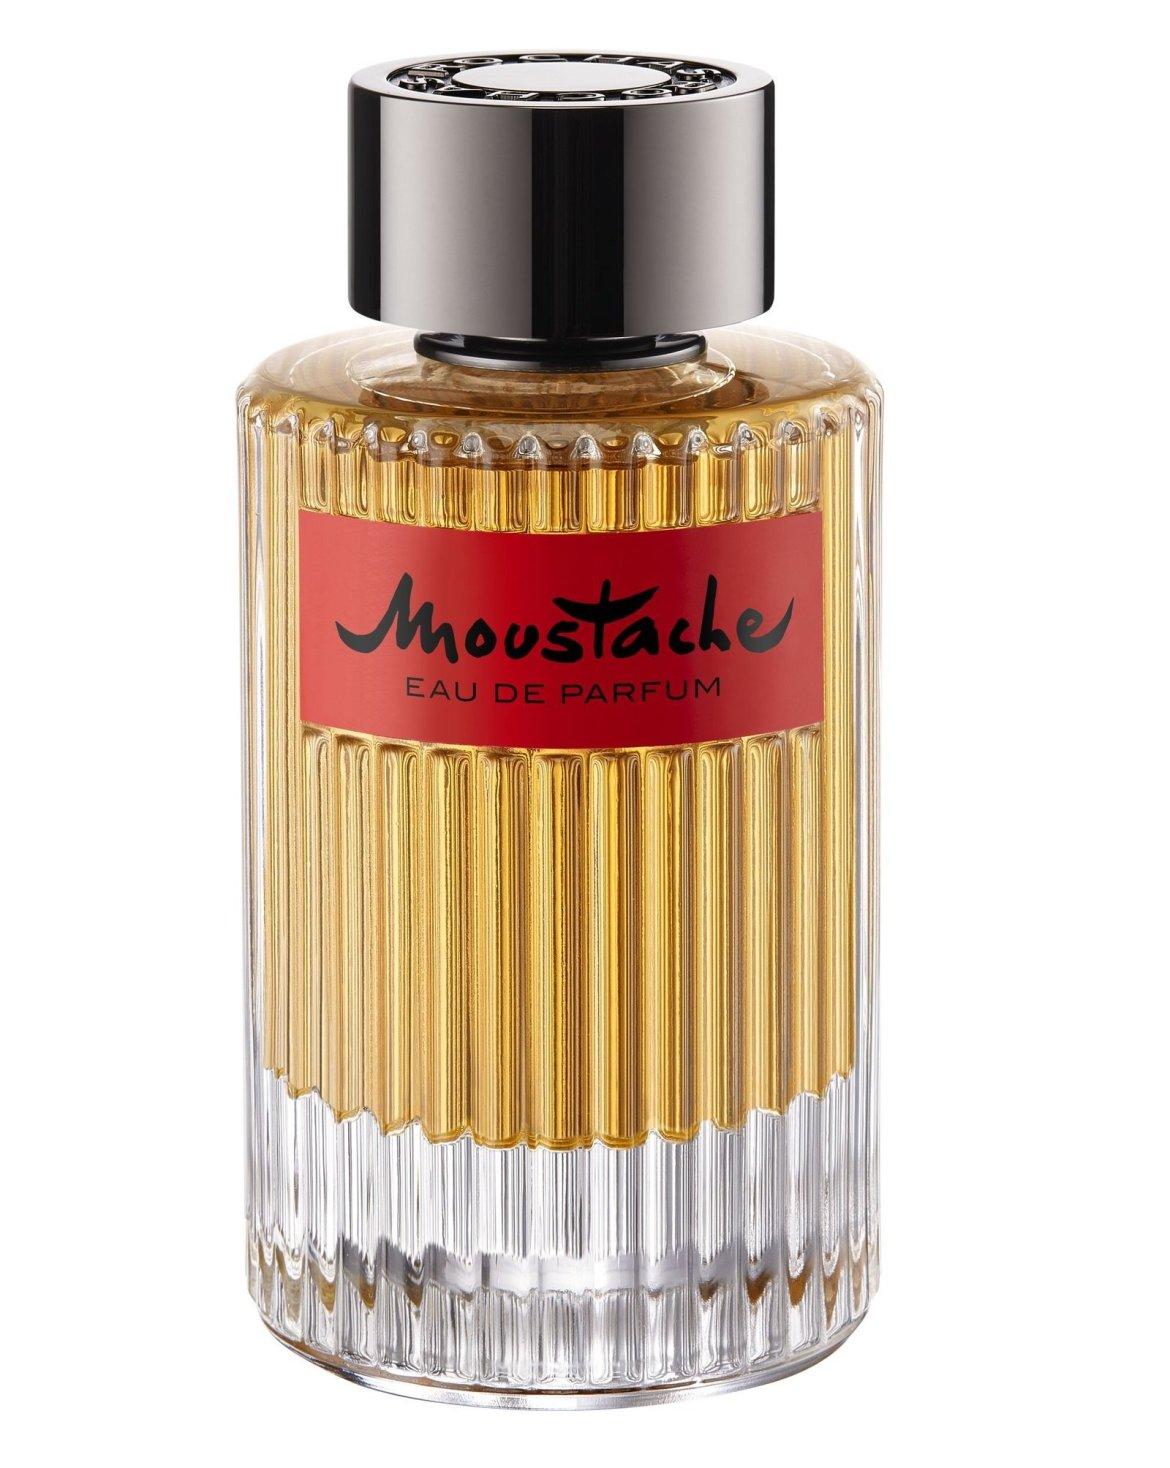 o.72277 - 25 perfumes, 25 razones para enamorarte al estilo Robb Report